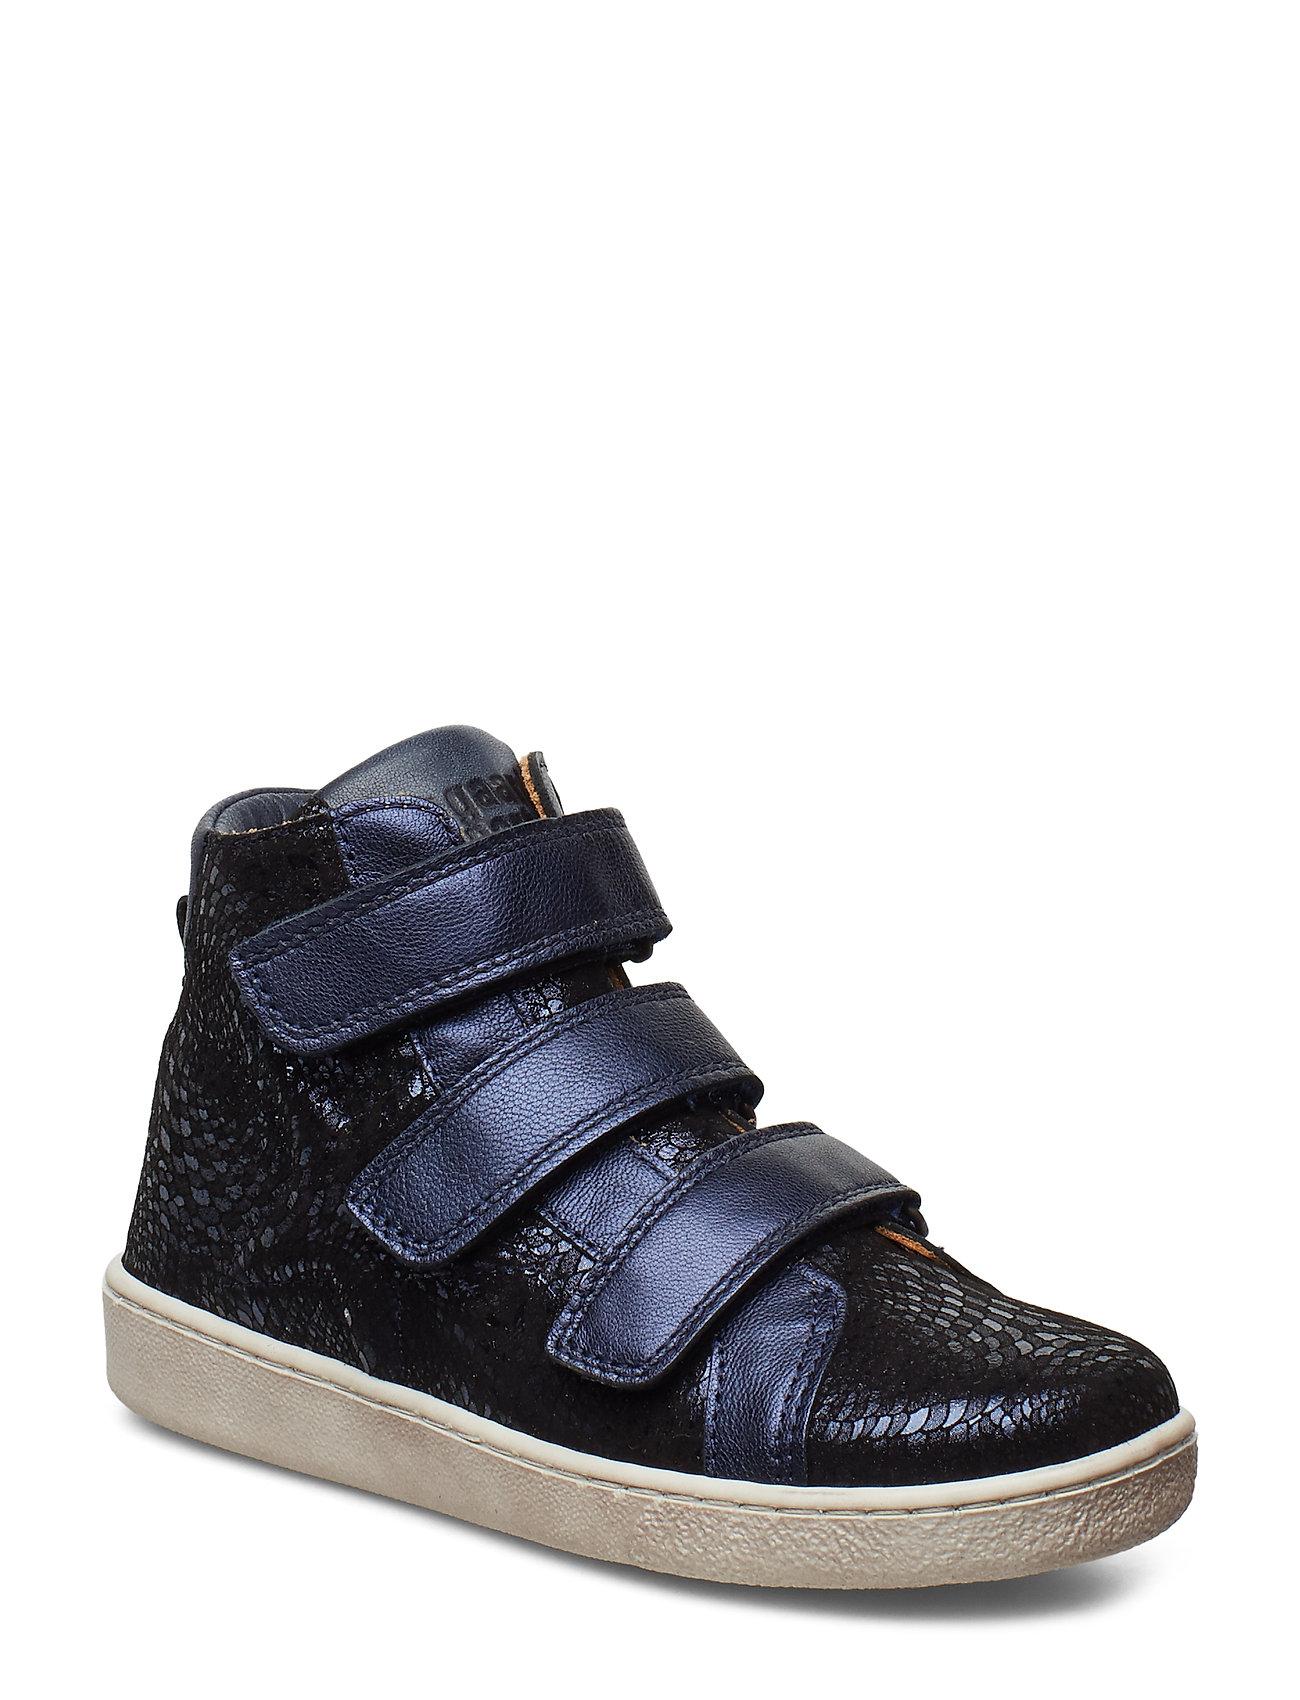 Bisgaard Velcro shoes - NAVY SWIRL